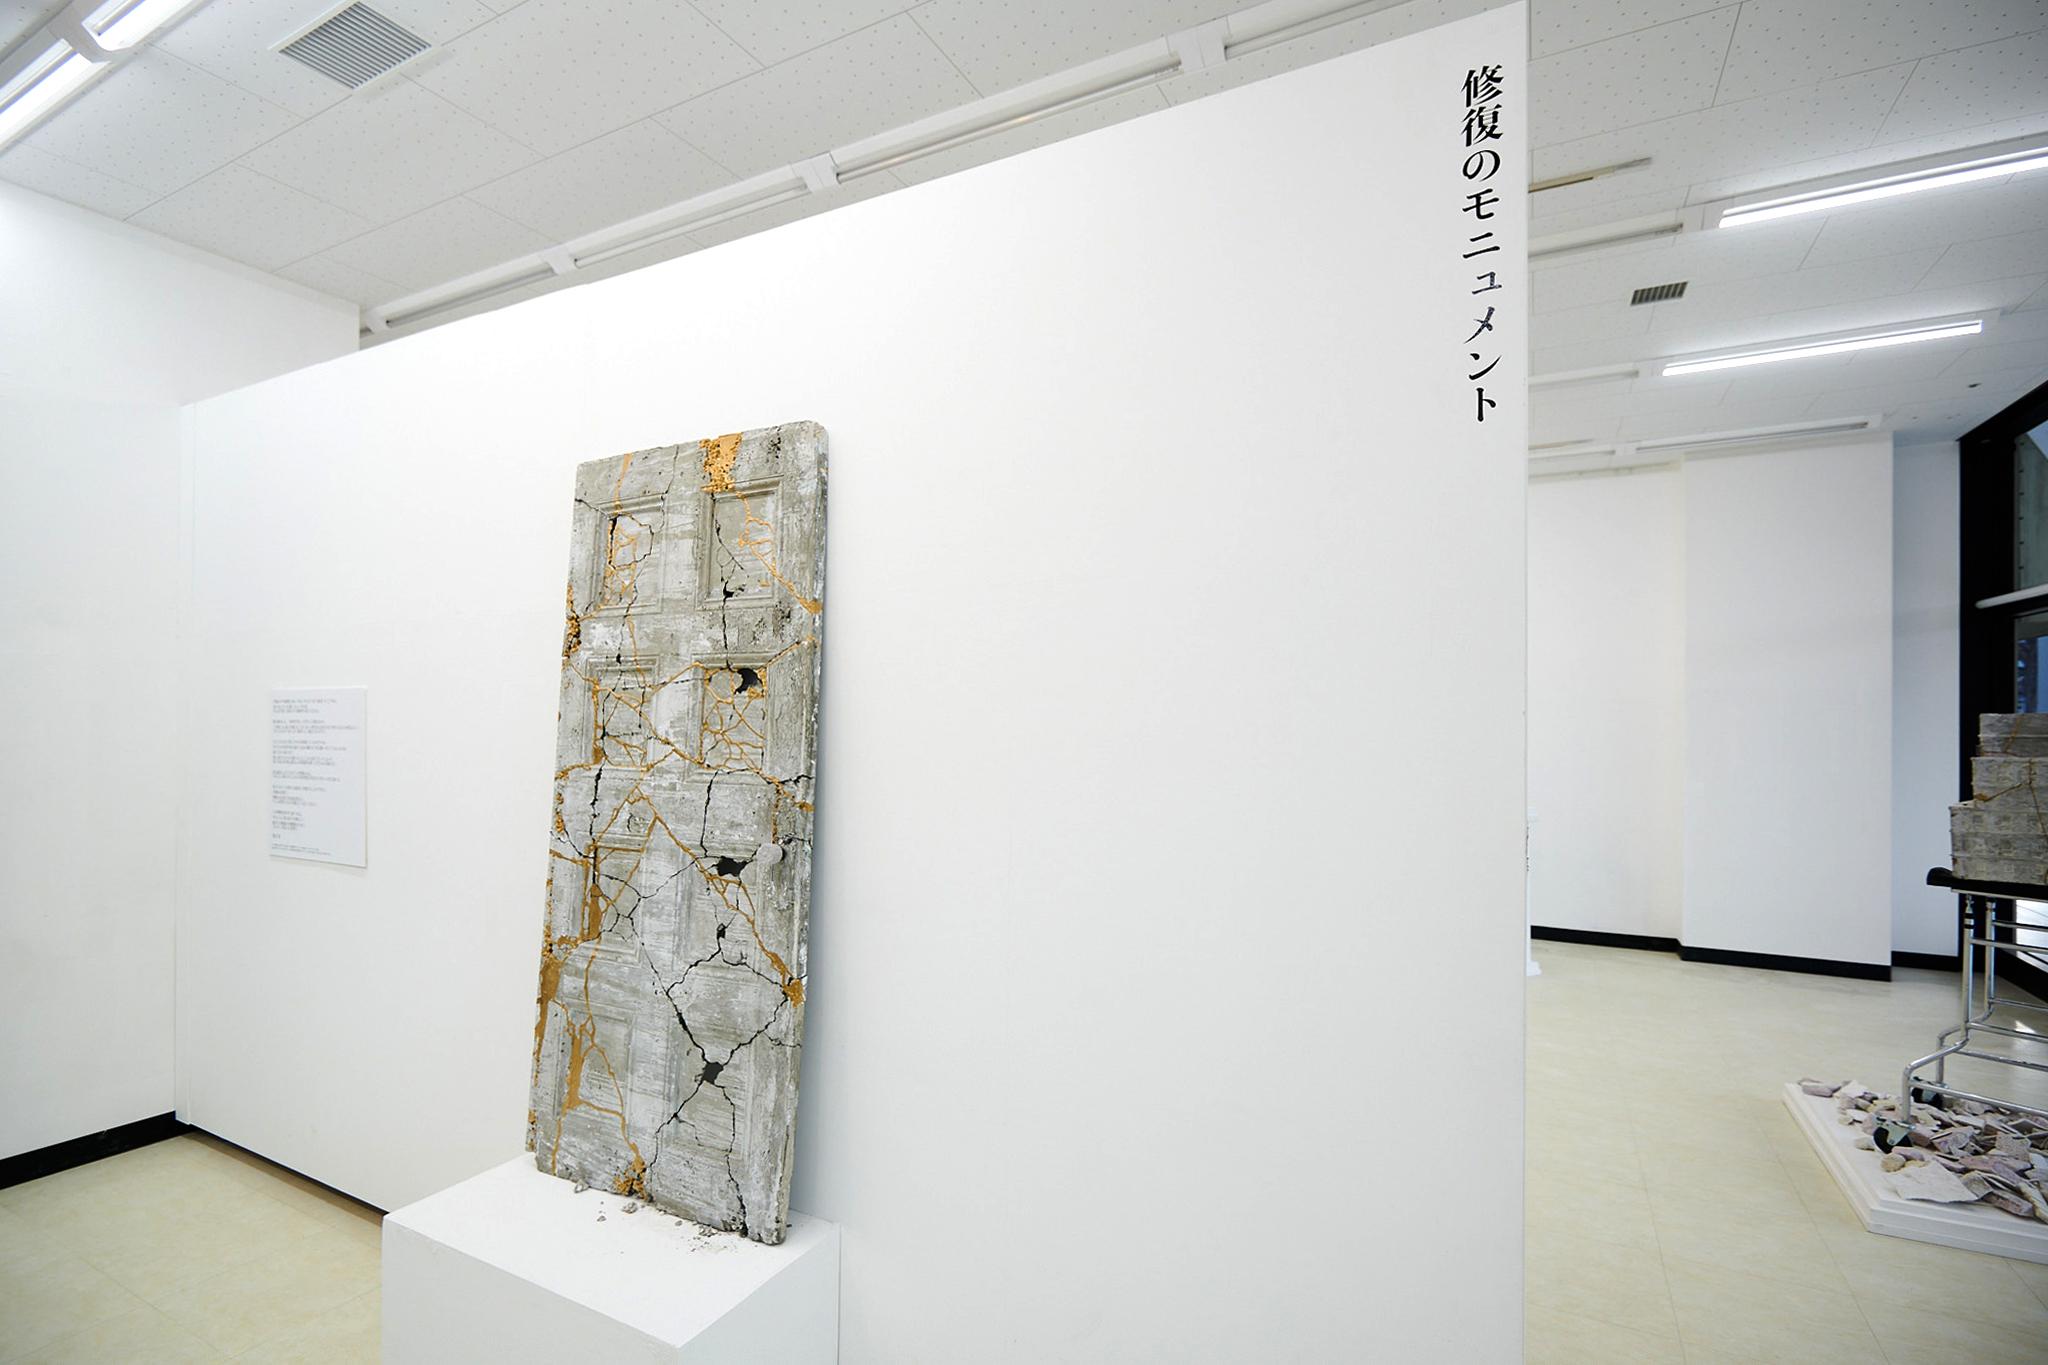 《修復のモニュメント「ドア」》 2016/2019年 ©Atsushi Watanabe 2019、©I'm here project2019 撮影: Keisuke Inoue